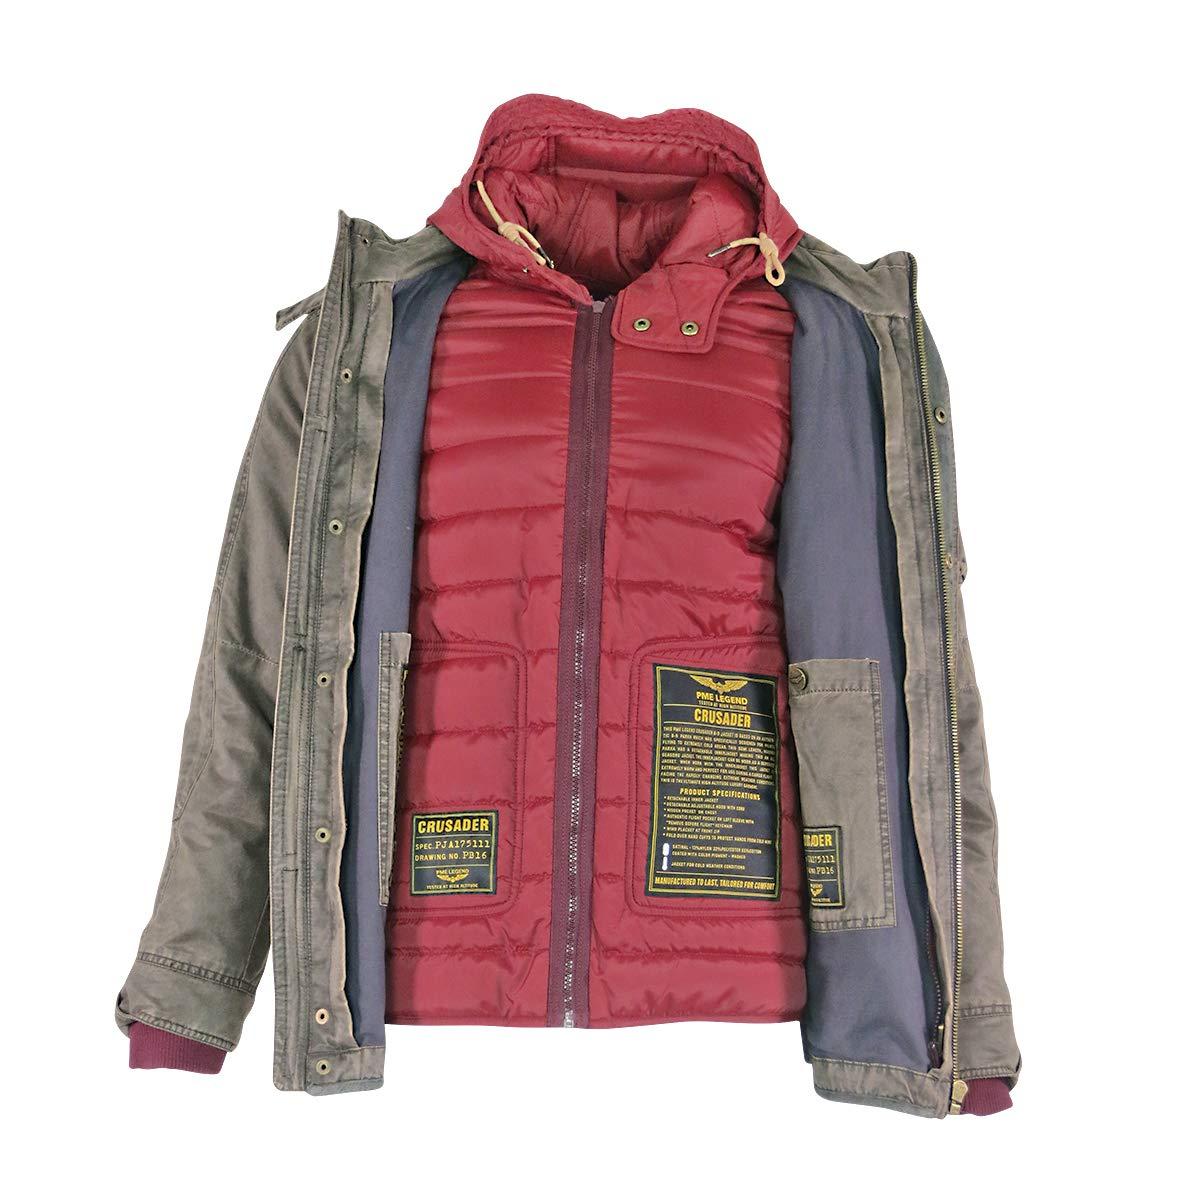 PME Legend Crusader Herren Winterjacke Grün Daunenjacke Jacke für Männer